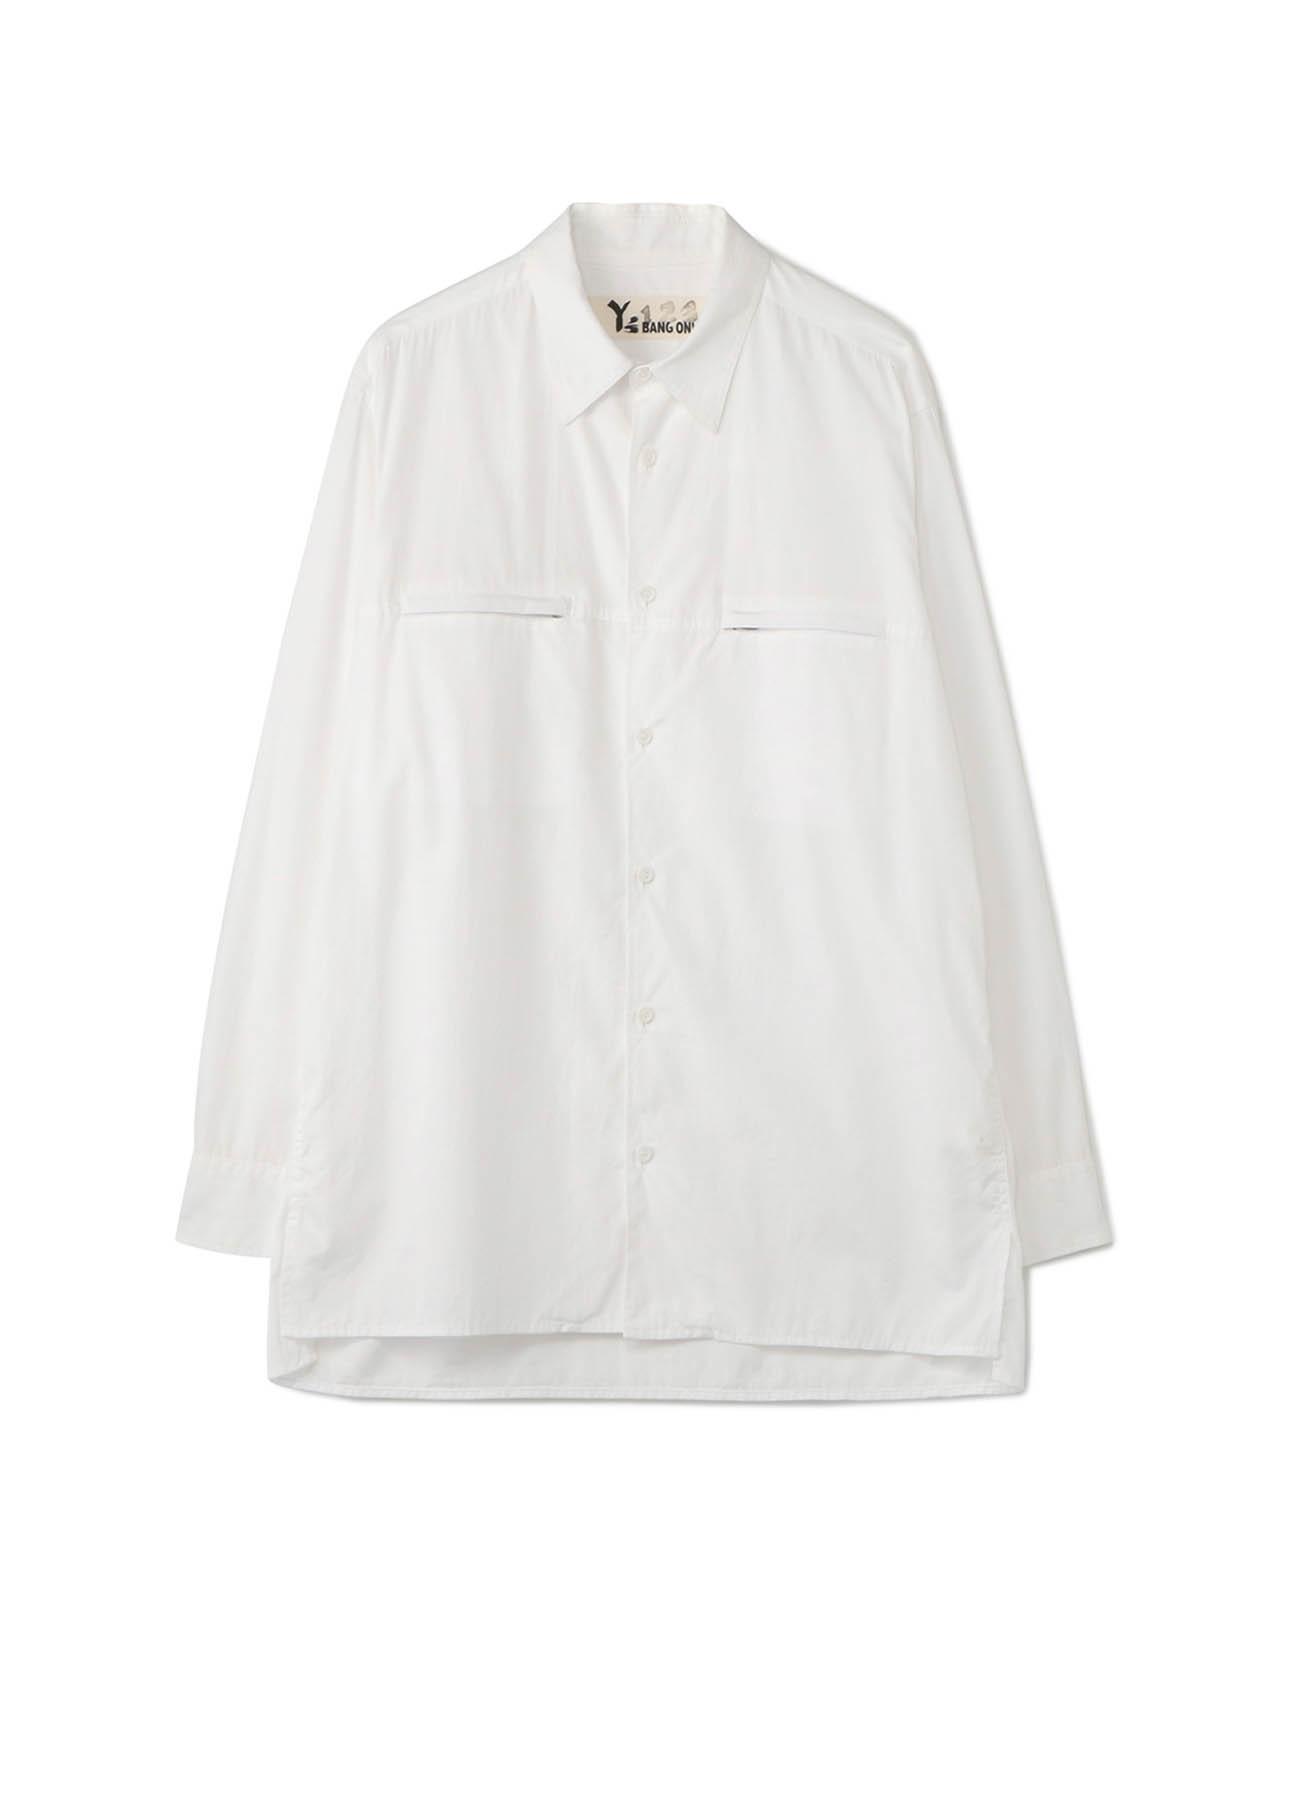 Y's BANG ON!No.123 Zipper pocket-shirts Cotton broad